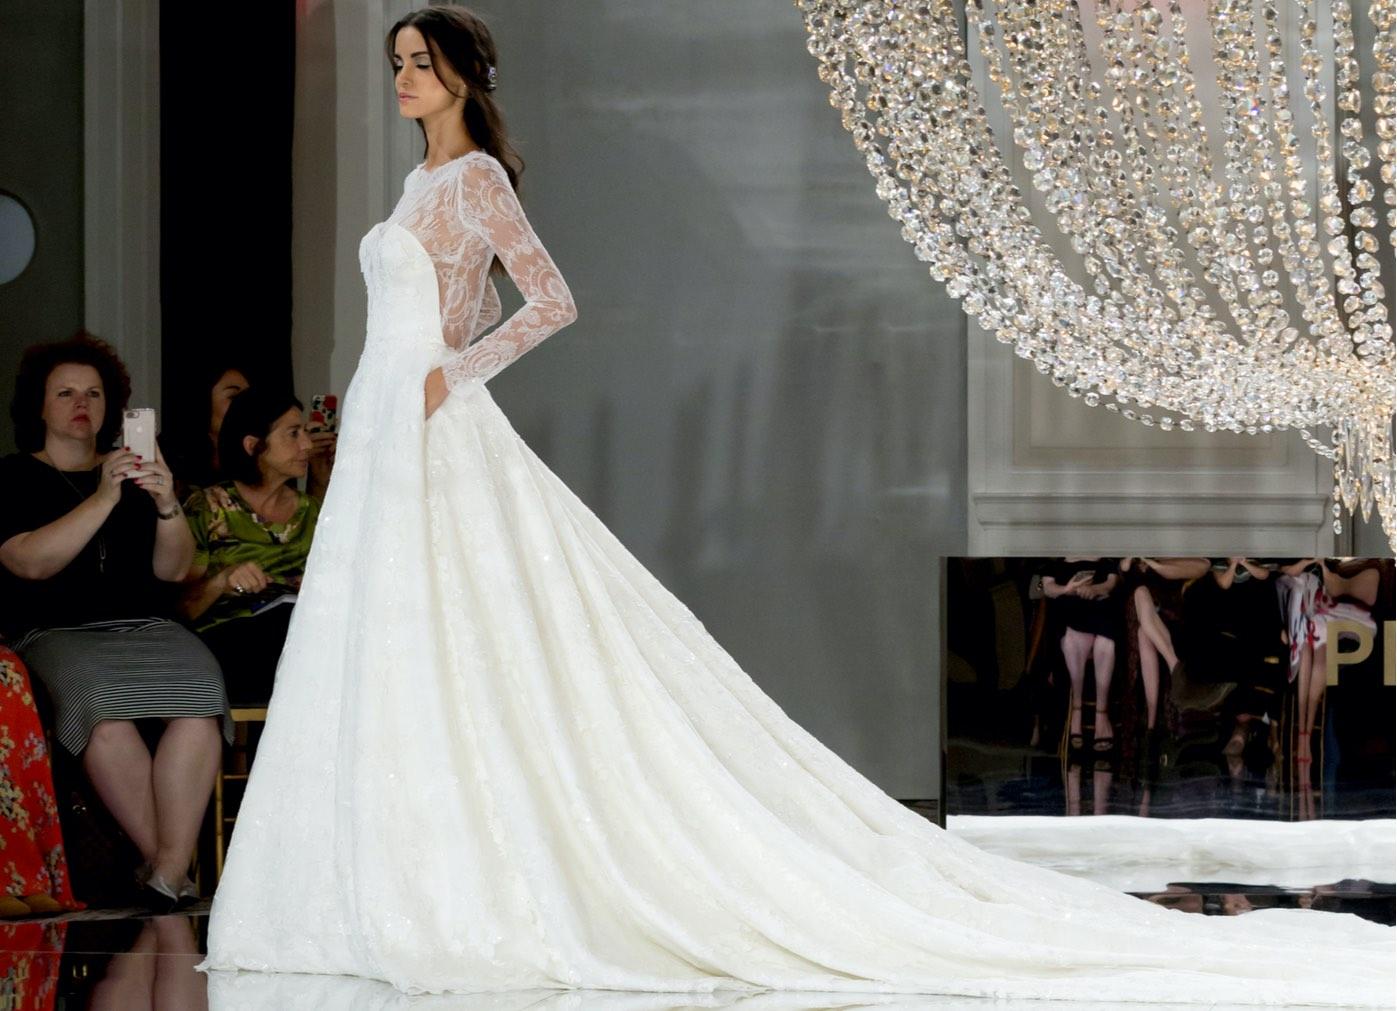 Pronovias ofrece vestidos de novia gratis para todo el personal hospitalario que lucha contra el Covid-19